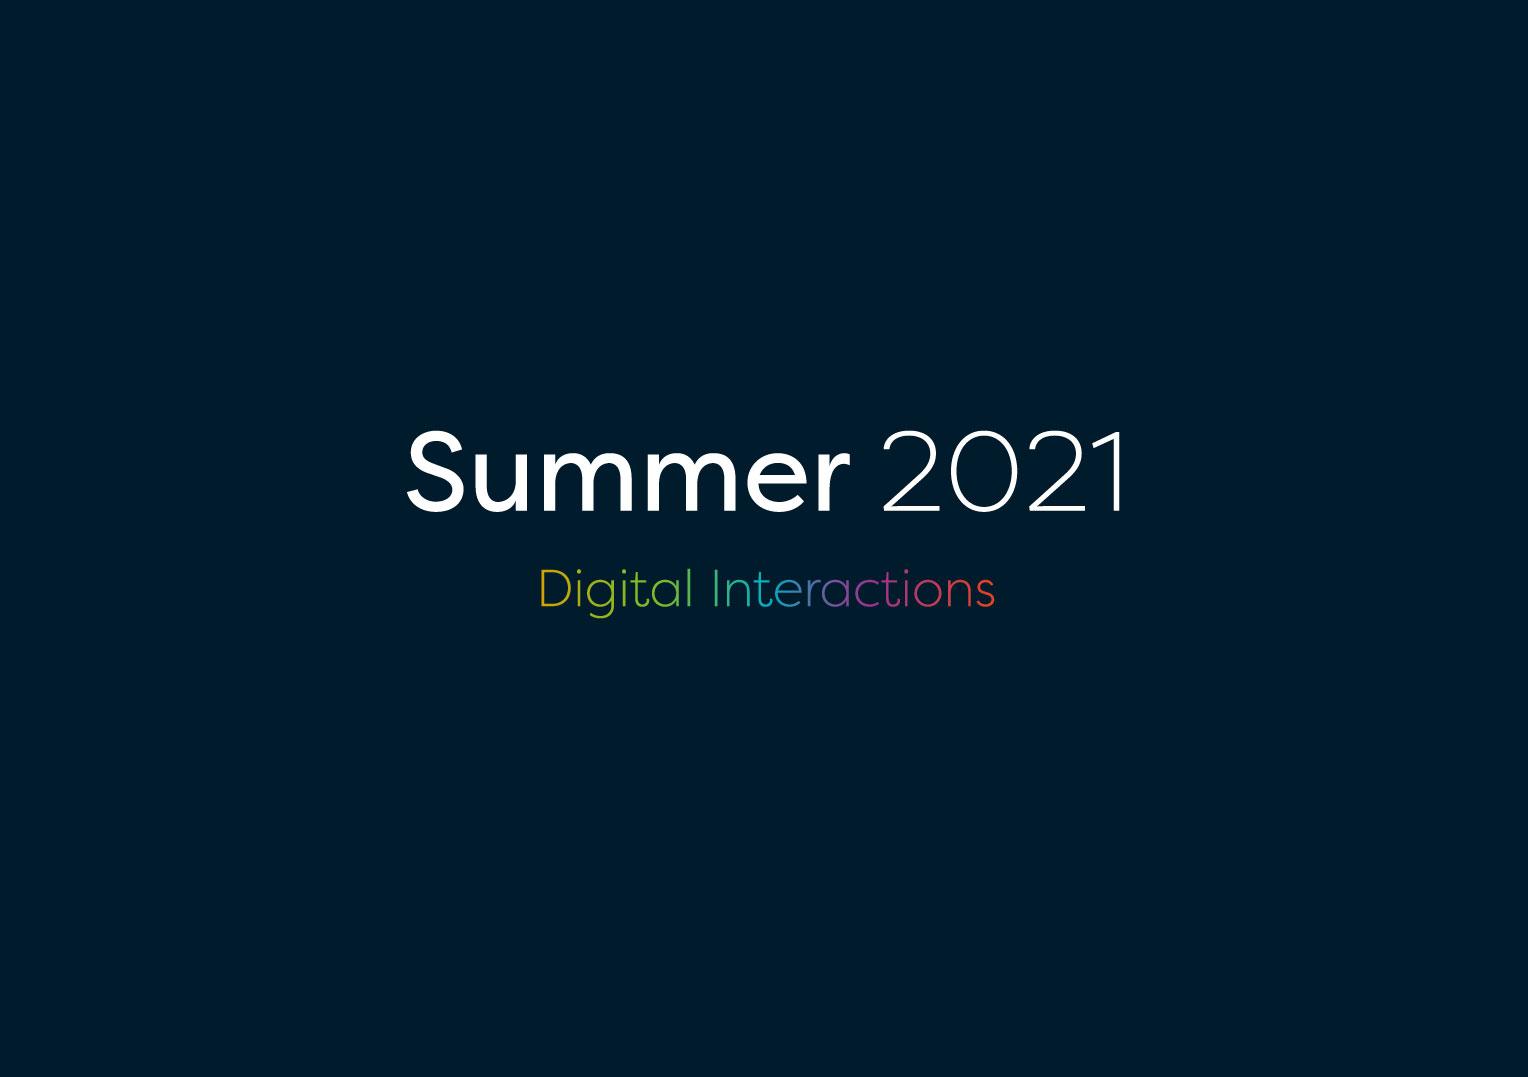 Summer-2021